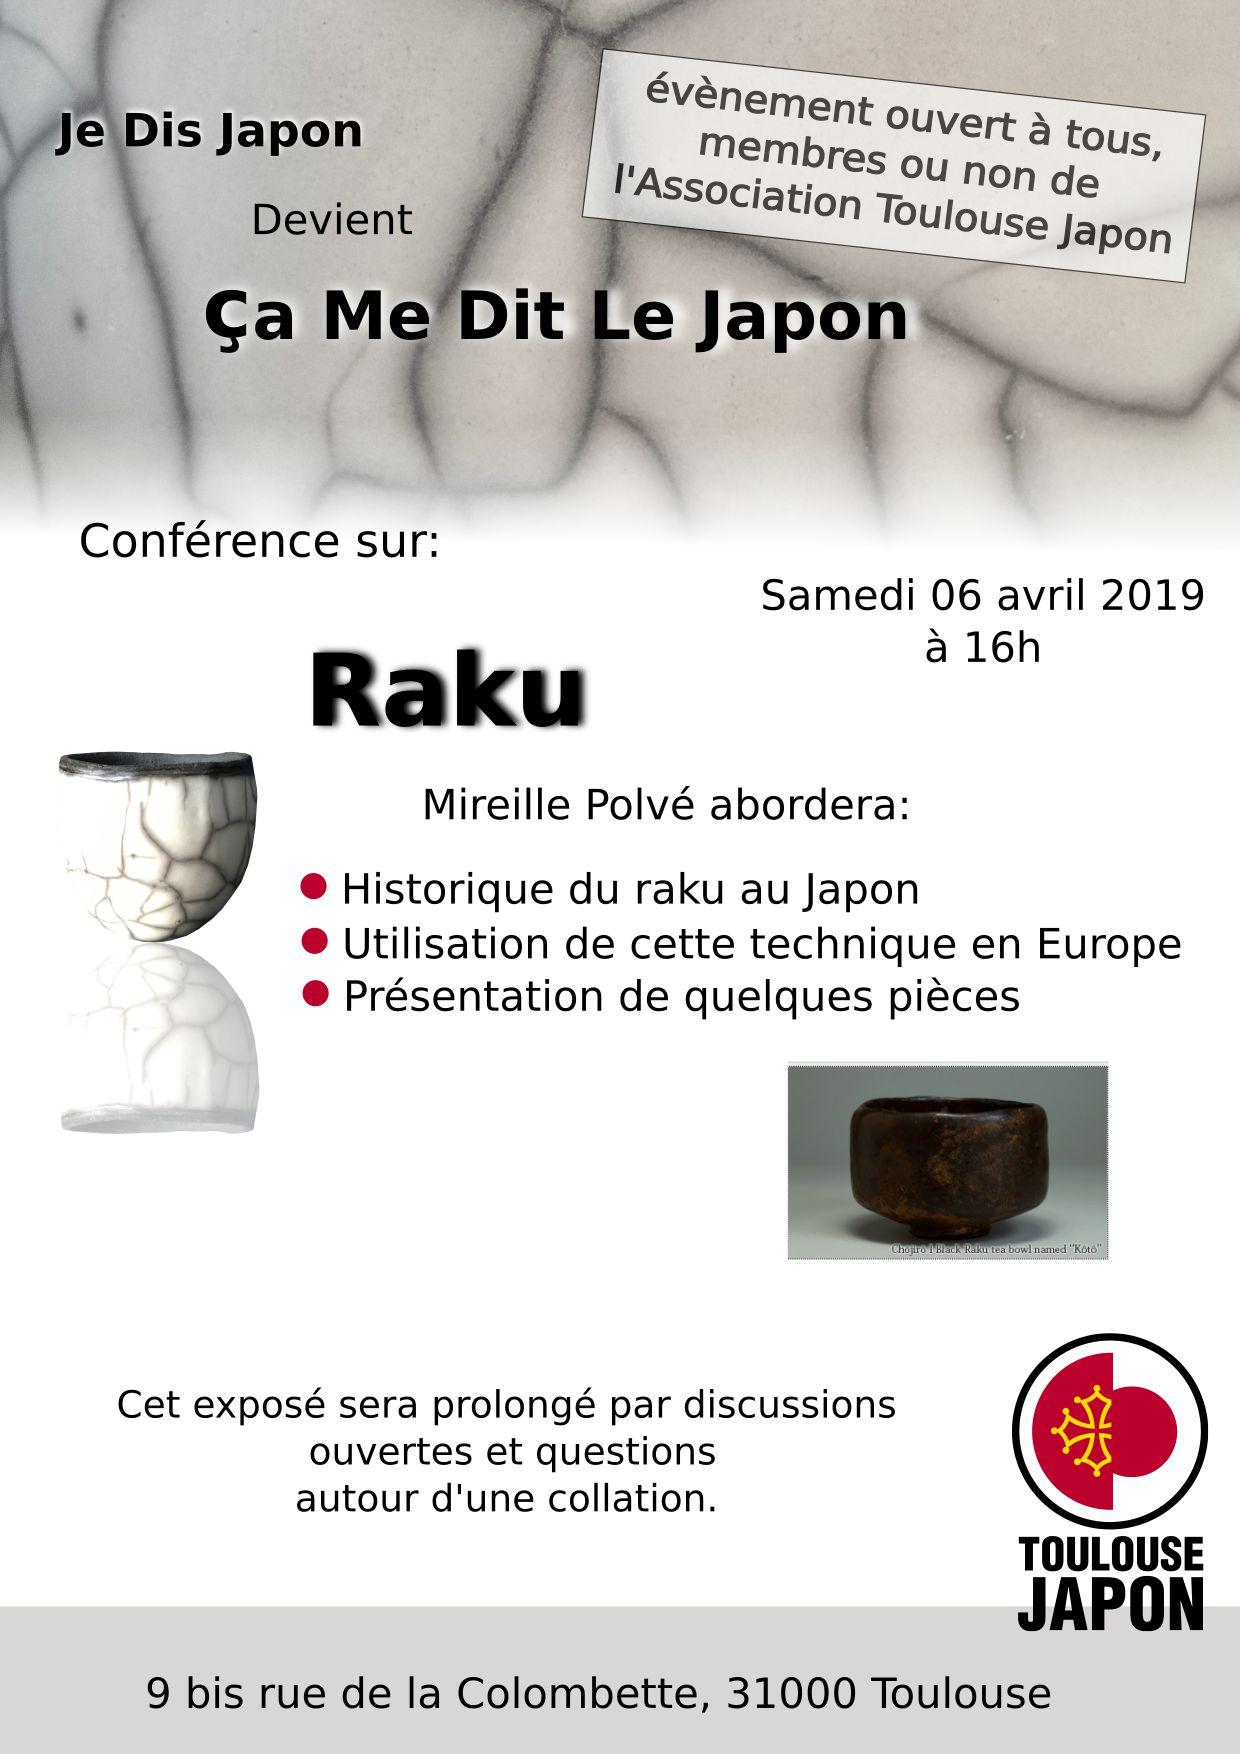 Ca me dit le Japon : Raku